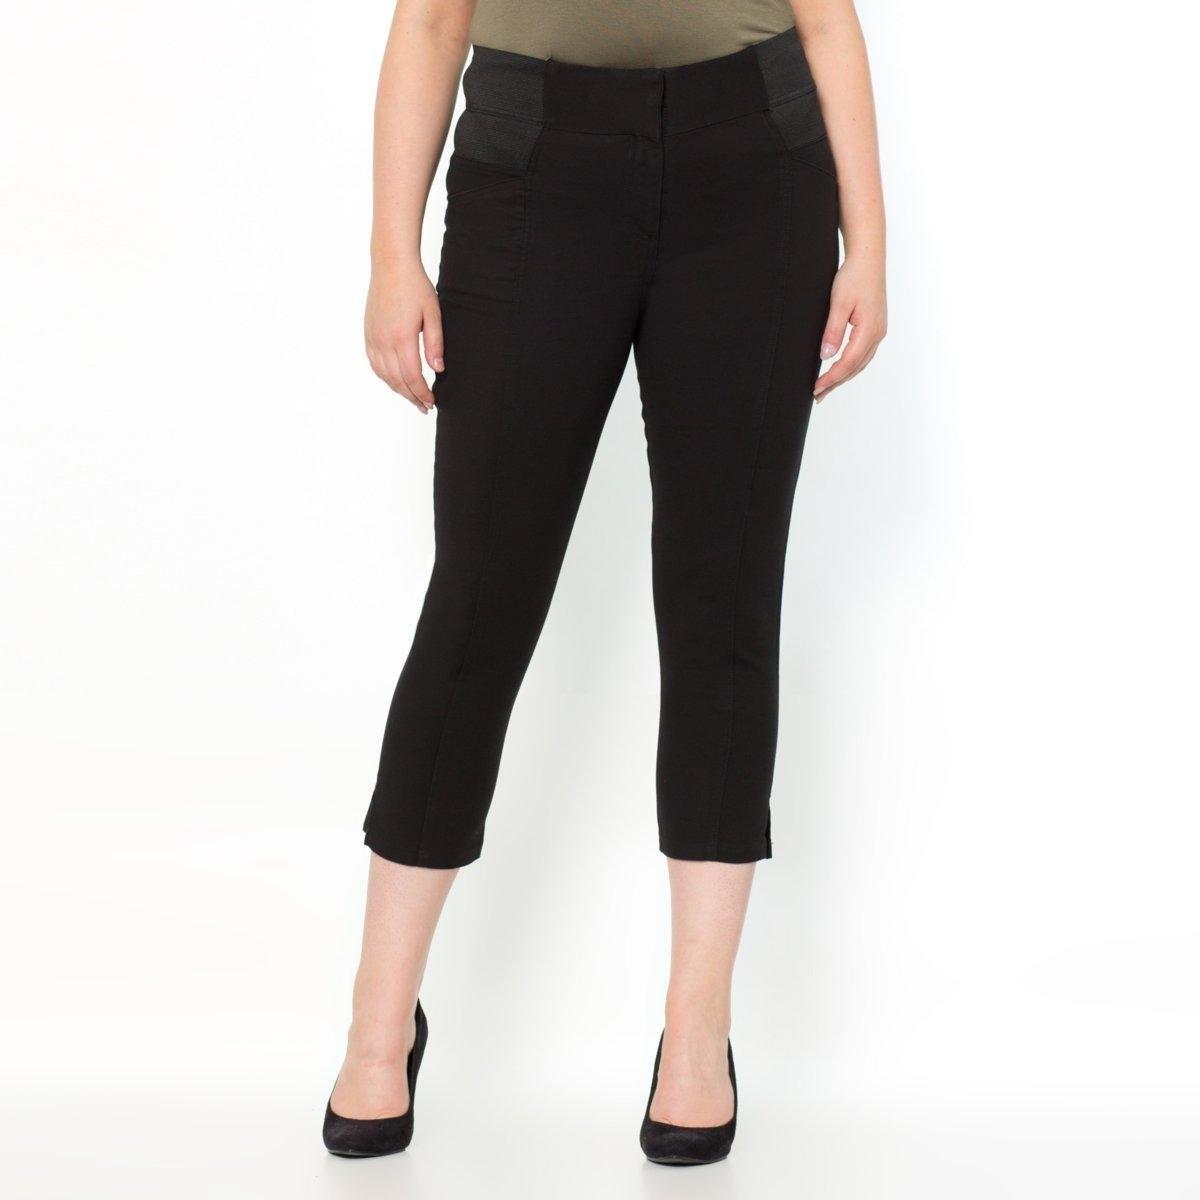 Брюки укороченныеТовар из коллекции больших размеров. Приятный материал, комфортный пояс… брюки, совершенствующие ваш силуэт! Еще более облегающий, комфортный и тянущийся материал, 97% хлопка и 3% эластана. Брюки не мнутся и прекрасно сидят. Высокий ультракомфортный пояс с 2 большими эластичными вставками по бокам моделирует силуэт и обеспечивает прекрасную посадку брюк. Застежка на молнию и крючок. Карманы спереди. Хитрость: швы спереди стройнят ноги! Длина по внутр.шву 60 см, ширина по низу 17 см. См.таблицу размеров Taillissime.<br><br>Цвет: синий морской,черный<br>Размер: 48 (FR) - 54 (RUS).58 (FR) - 64 (RUS).46 (FR) - 52 (RUS).62 (FR) - 68 (RUS).44 (FR) - 50 (RUS).50 (FR) - 56 (RUS).54 (FR) - 60 (RUS).60 (FR) - 66 (RUS).56 (FR) - 62 (RUS).56 (FR) - 62 (RUS).48 (FR) - 54 (RUS).52 (FR) - 58 (RUS)